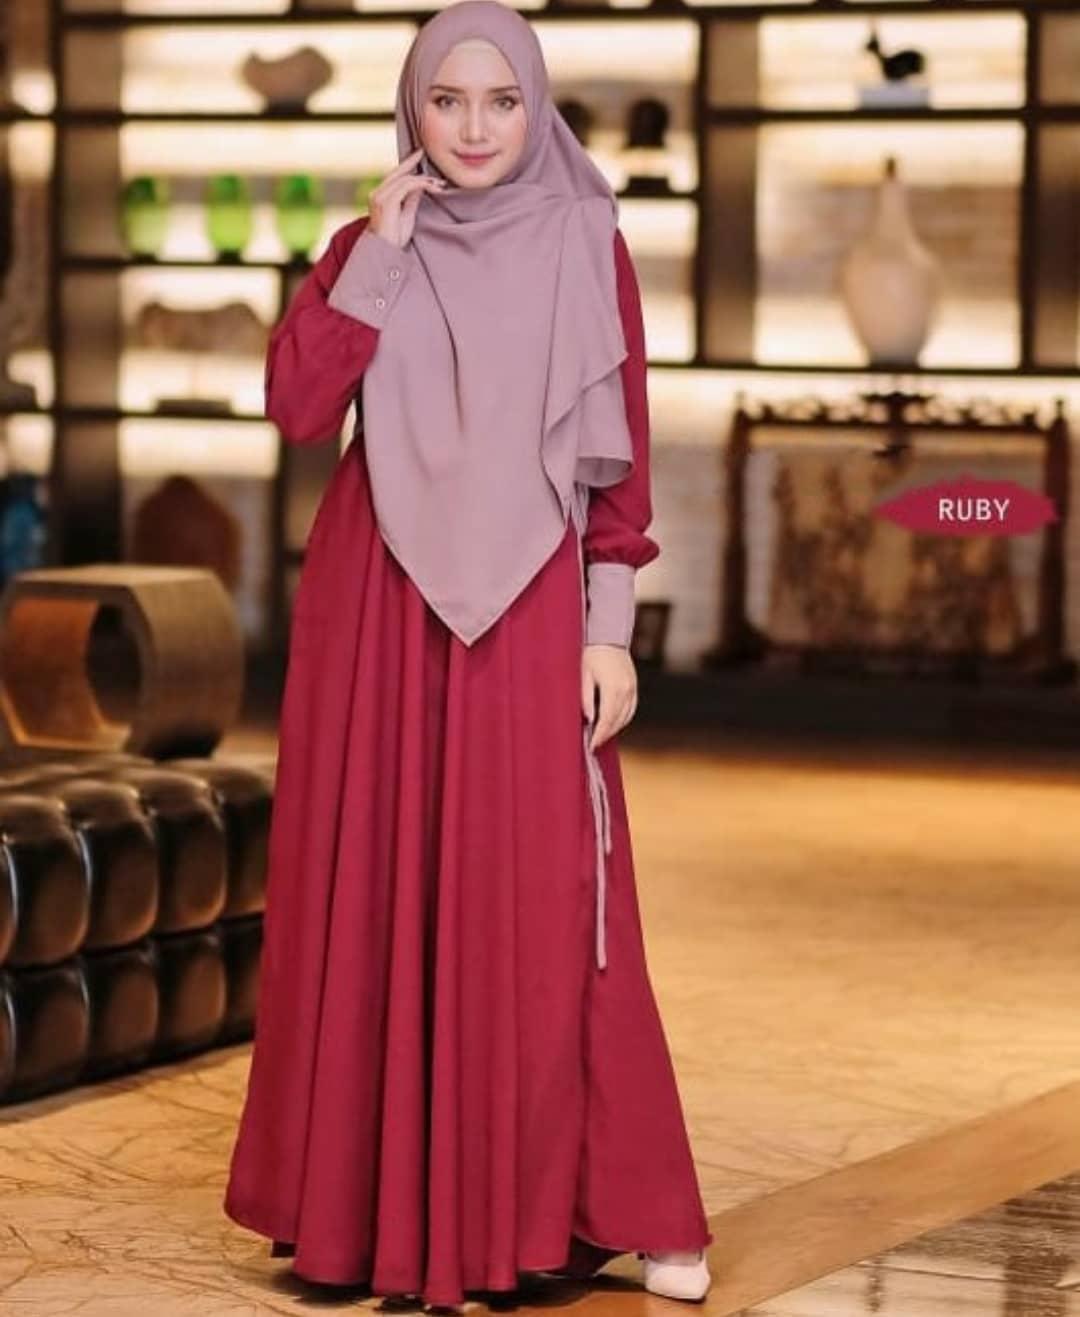 Baju Original Inayah Set Syari Mc Bahan Mosscrepe Free Hijab Khimar Gamis Wanita Syari Terbaru Khimar Gamis Syari Set Khimar Syari Terbaru 2020 Model Gamis Maroon Dusty Mocca Navy Lazada Indonesia